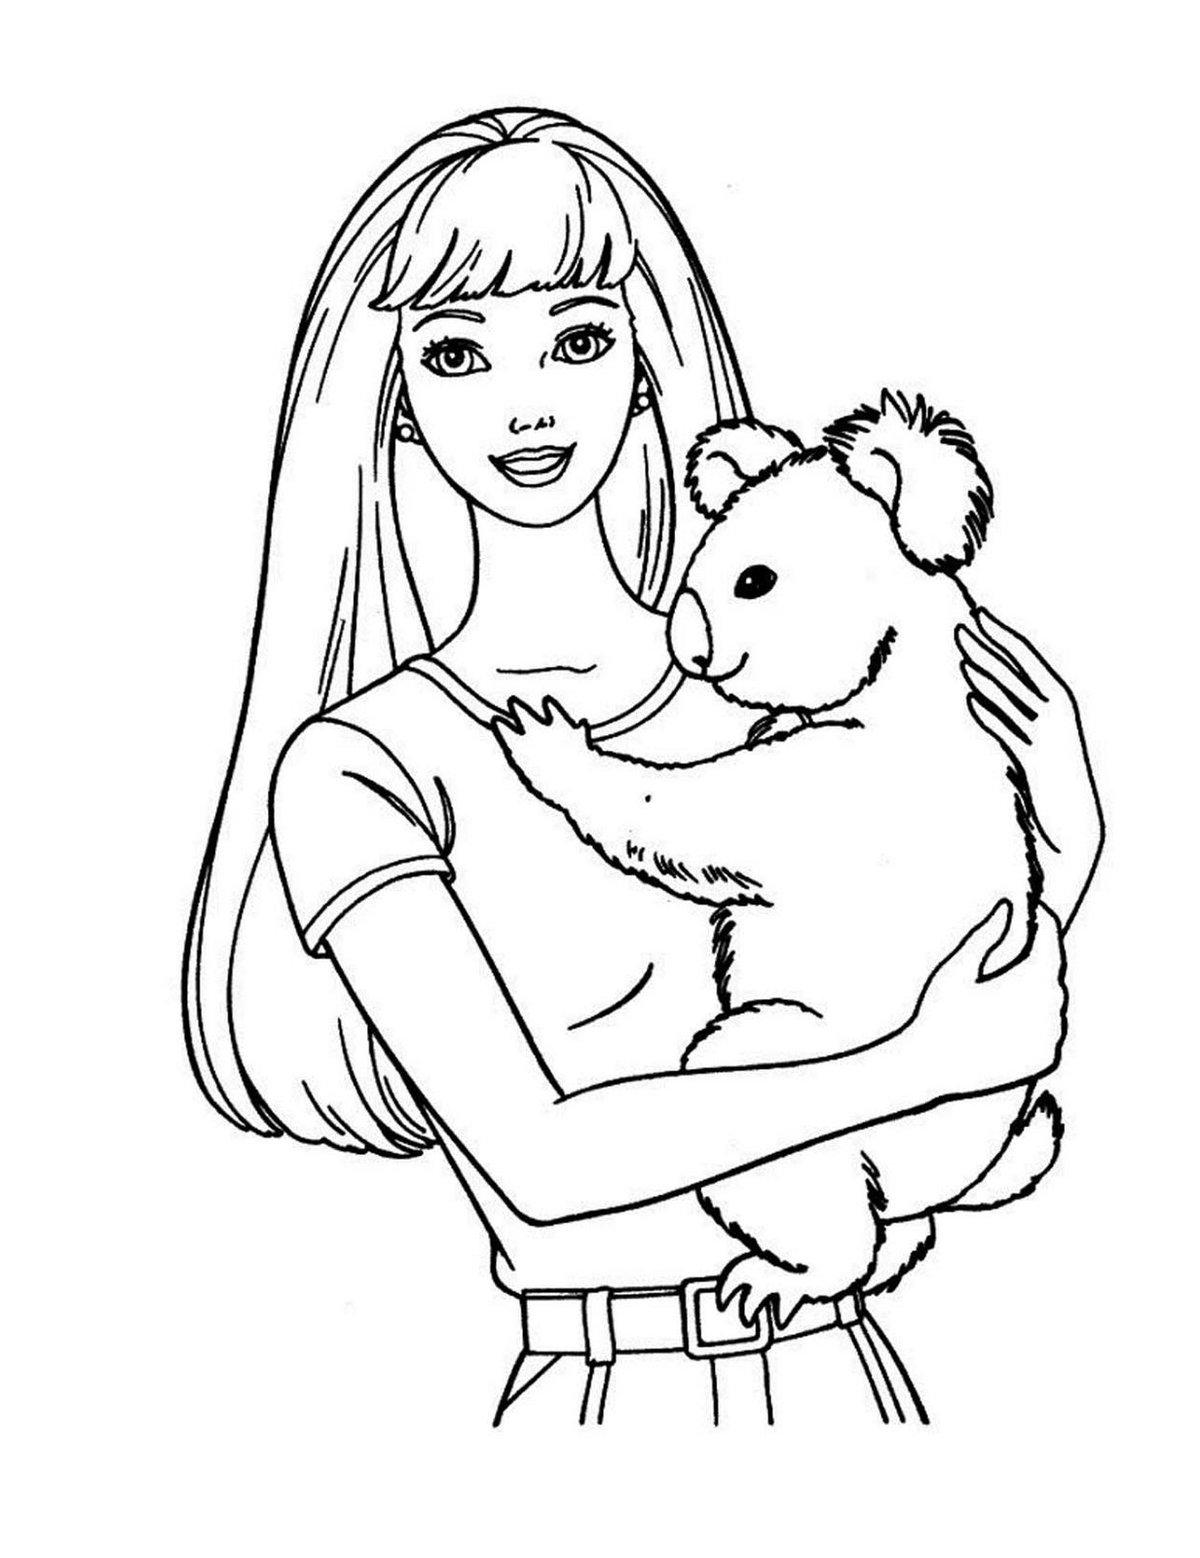 Как рисовать картинки для детей 11 лет, днем рождения